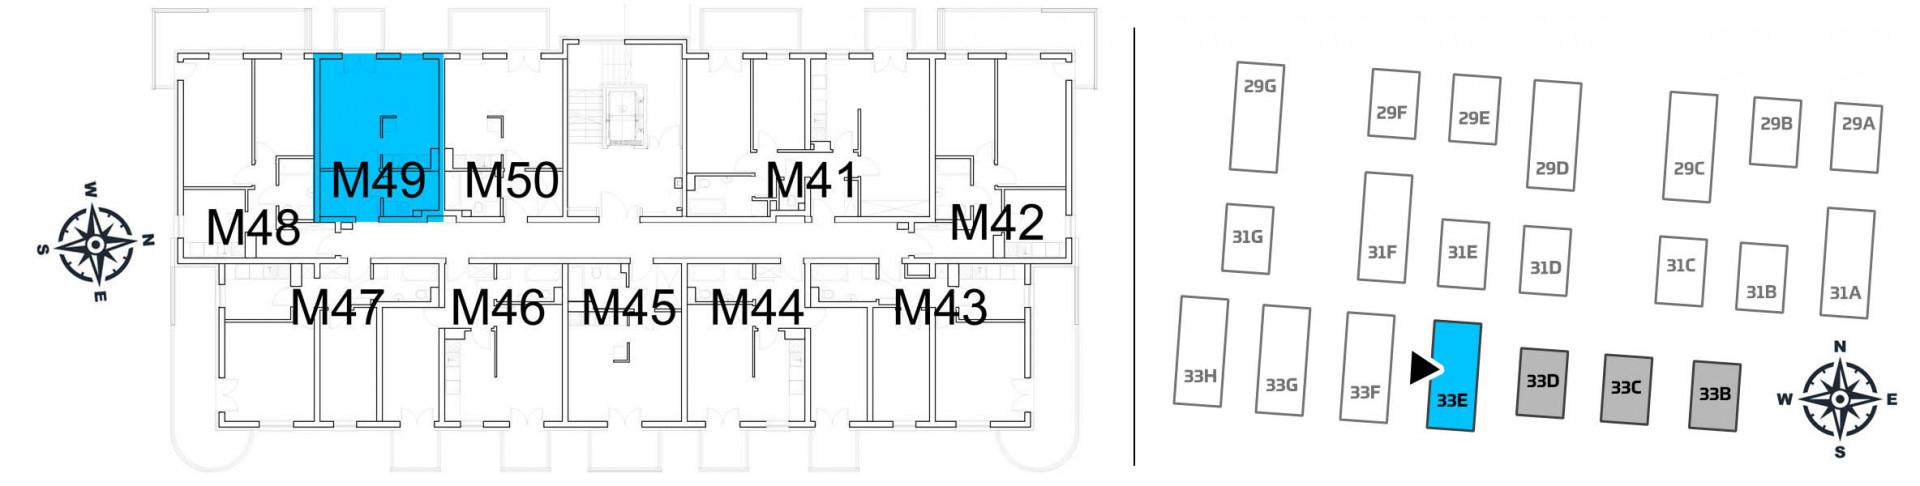 Mieszkanie jednopokojowe 33E/49 rzut 2